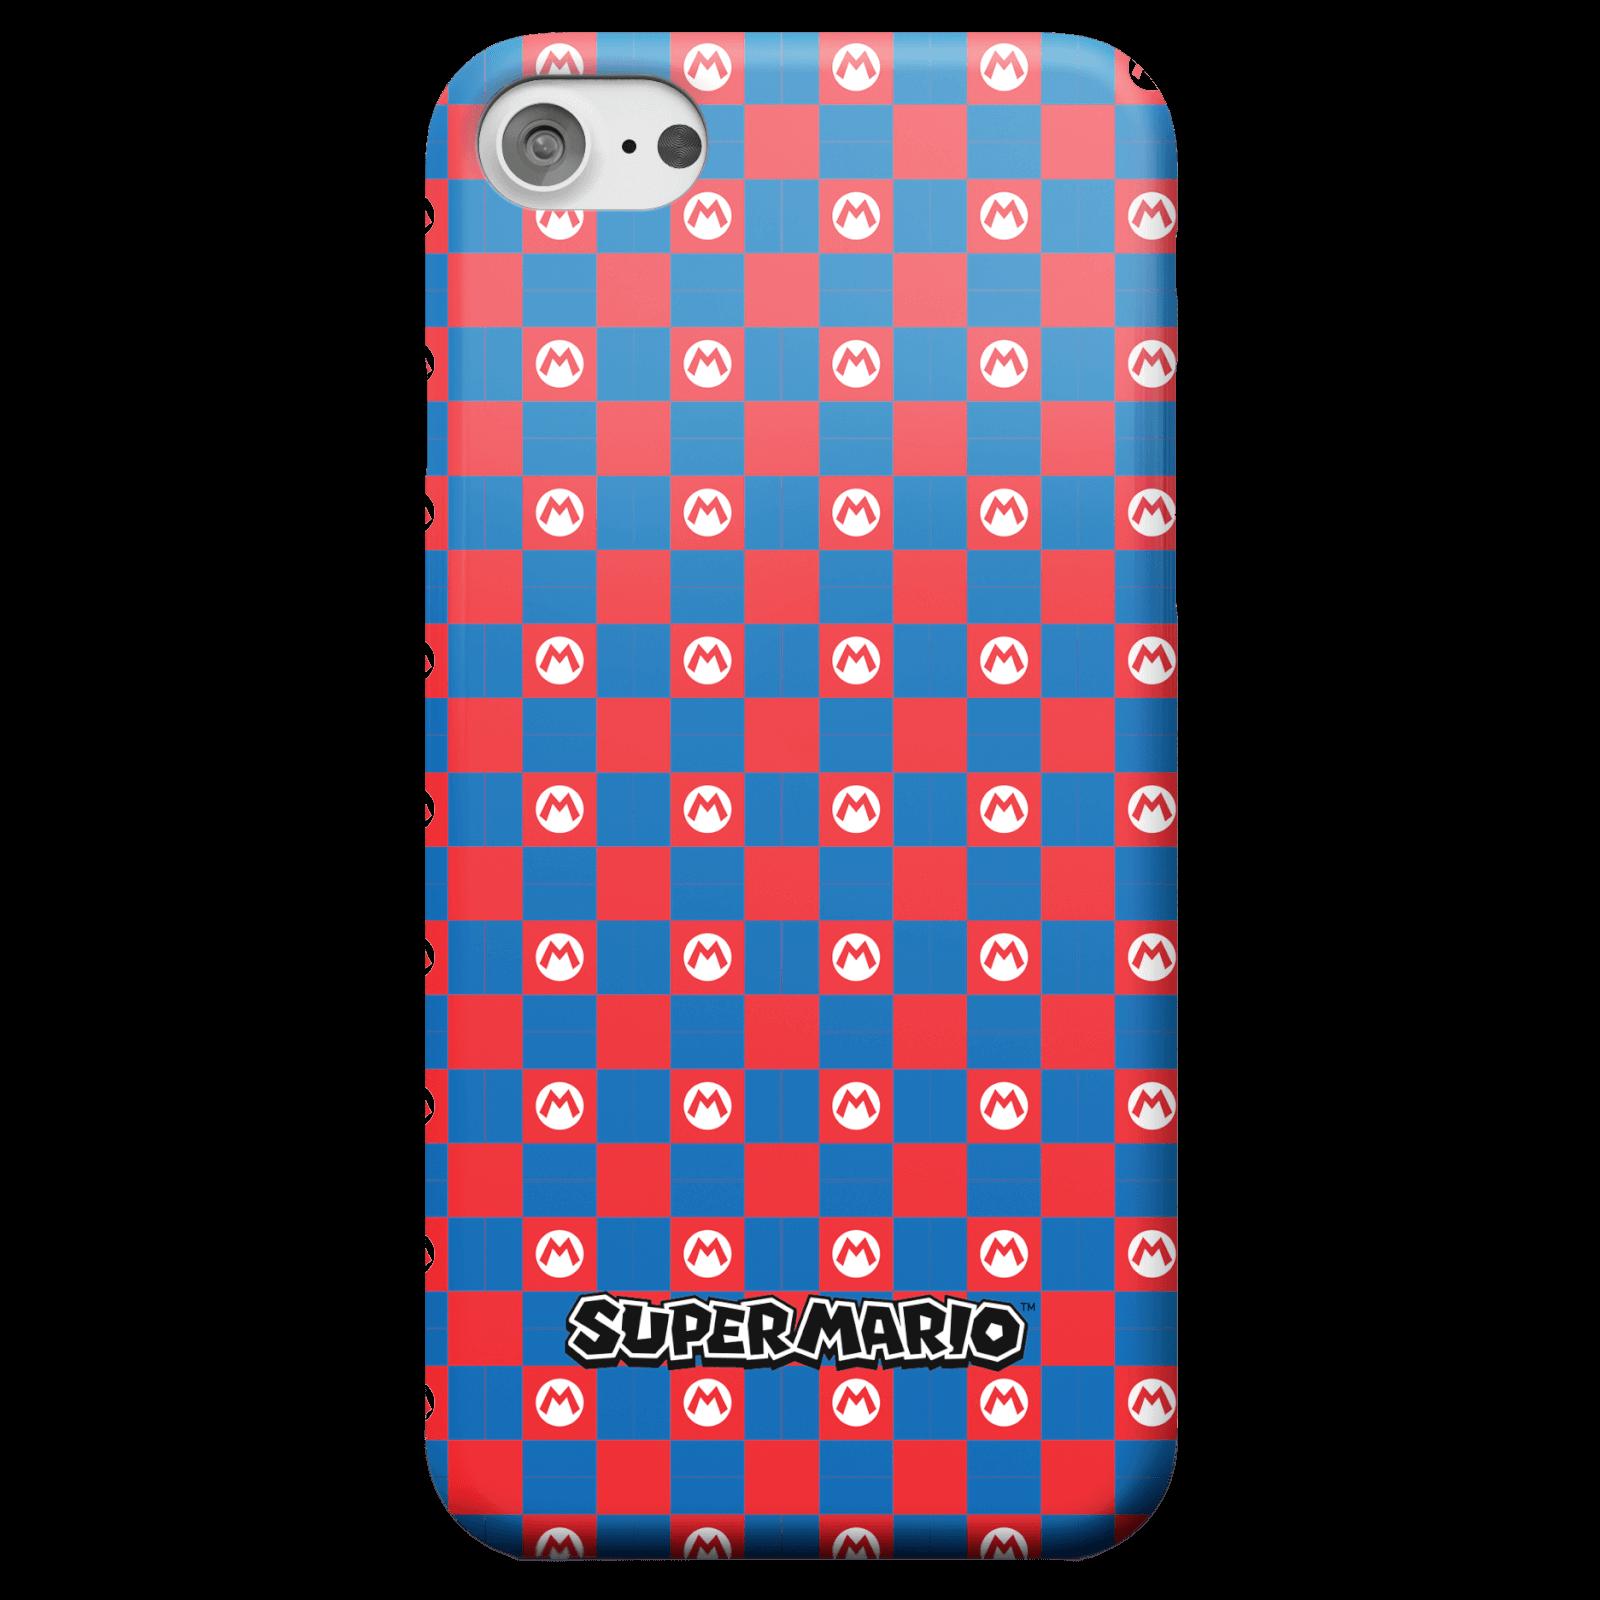 OfferteWeb.click 88-cover-telefono-nintendo-super-mario-checkerboard-pattern-per